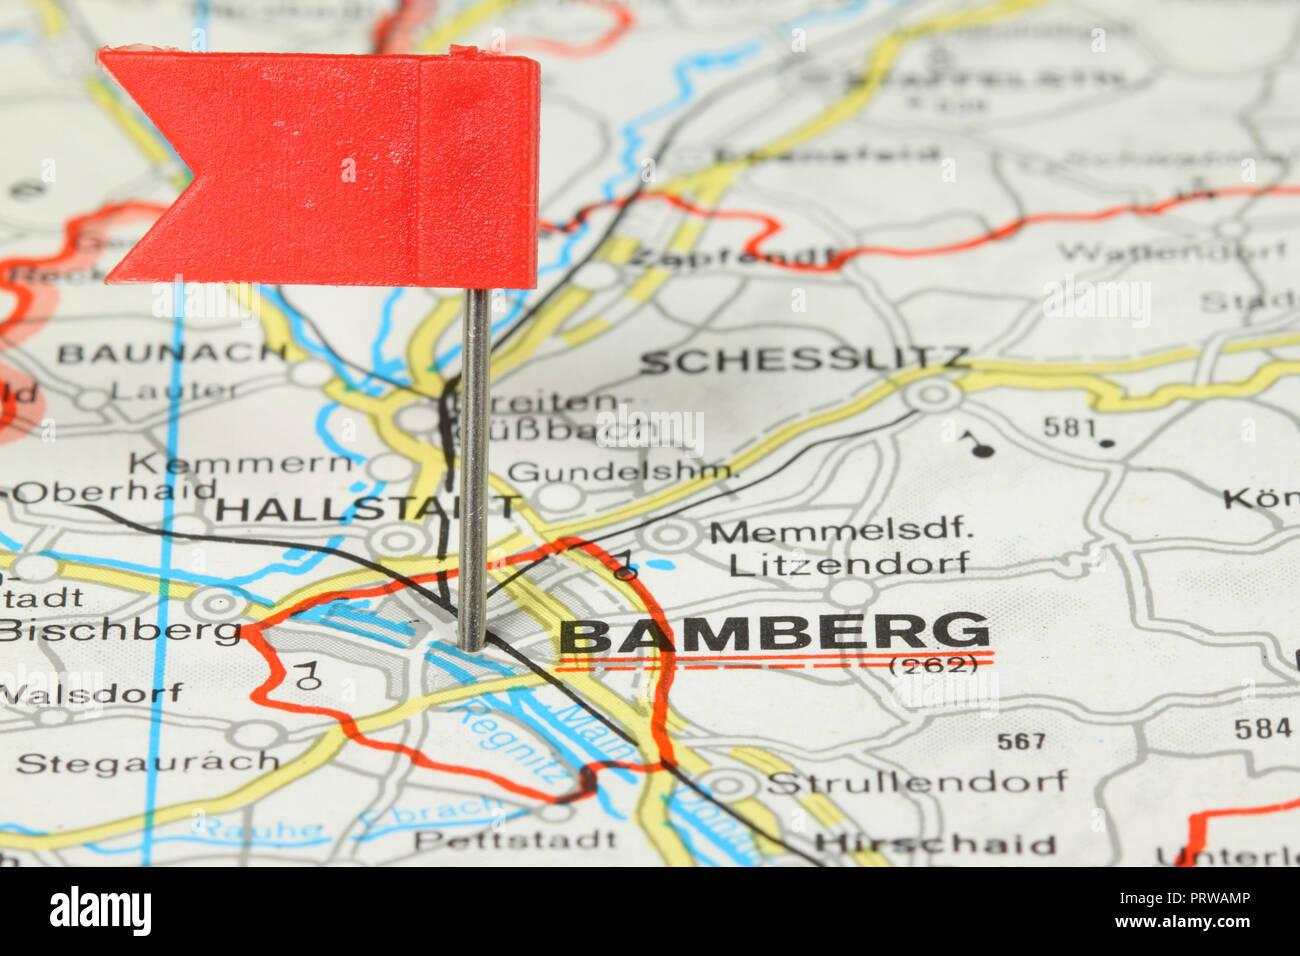 Karte Bamberg.Bamberg Stadt In Deutschland Red Flag Pin Auf Einer Alten